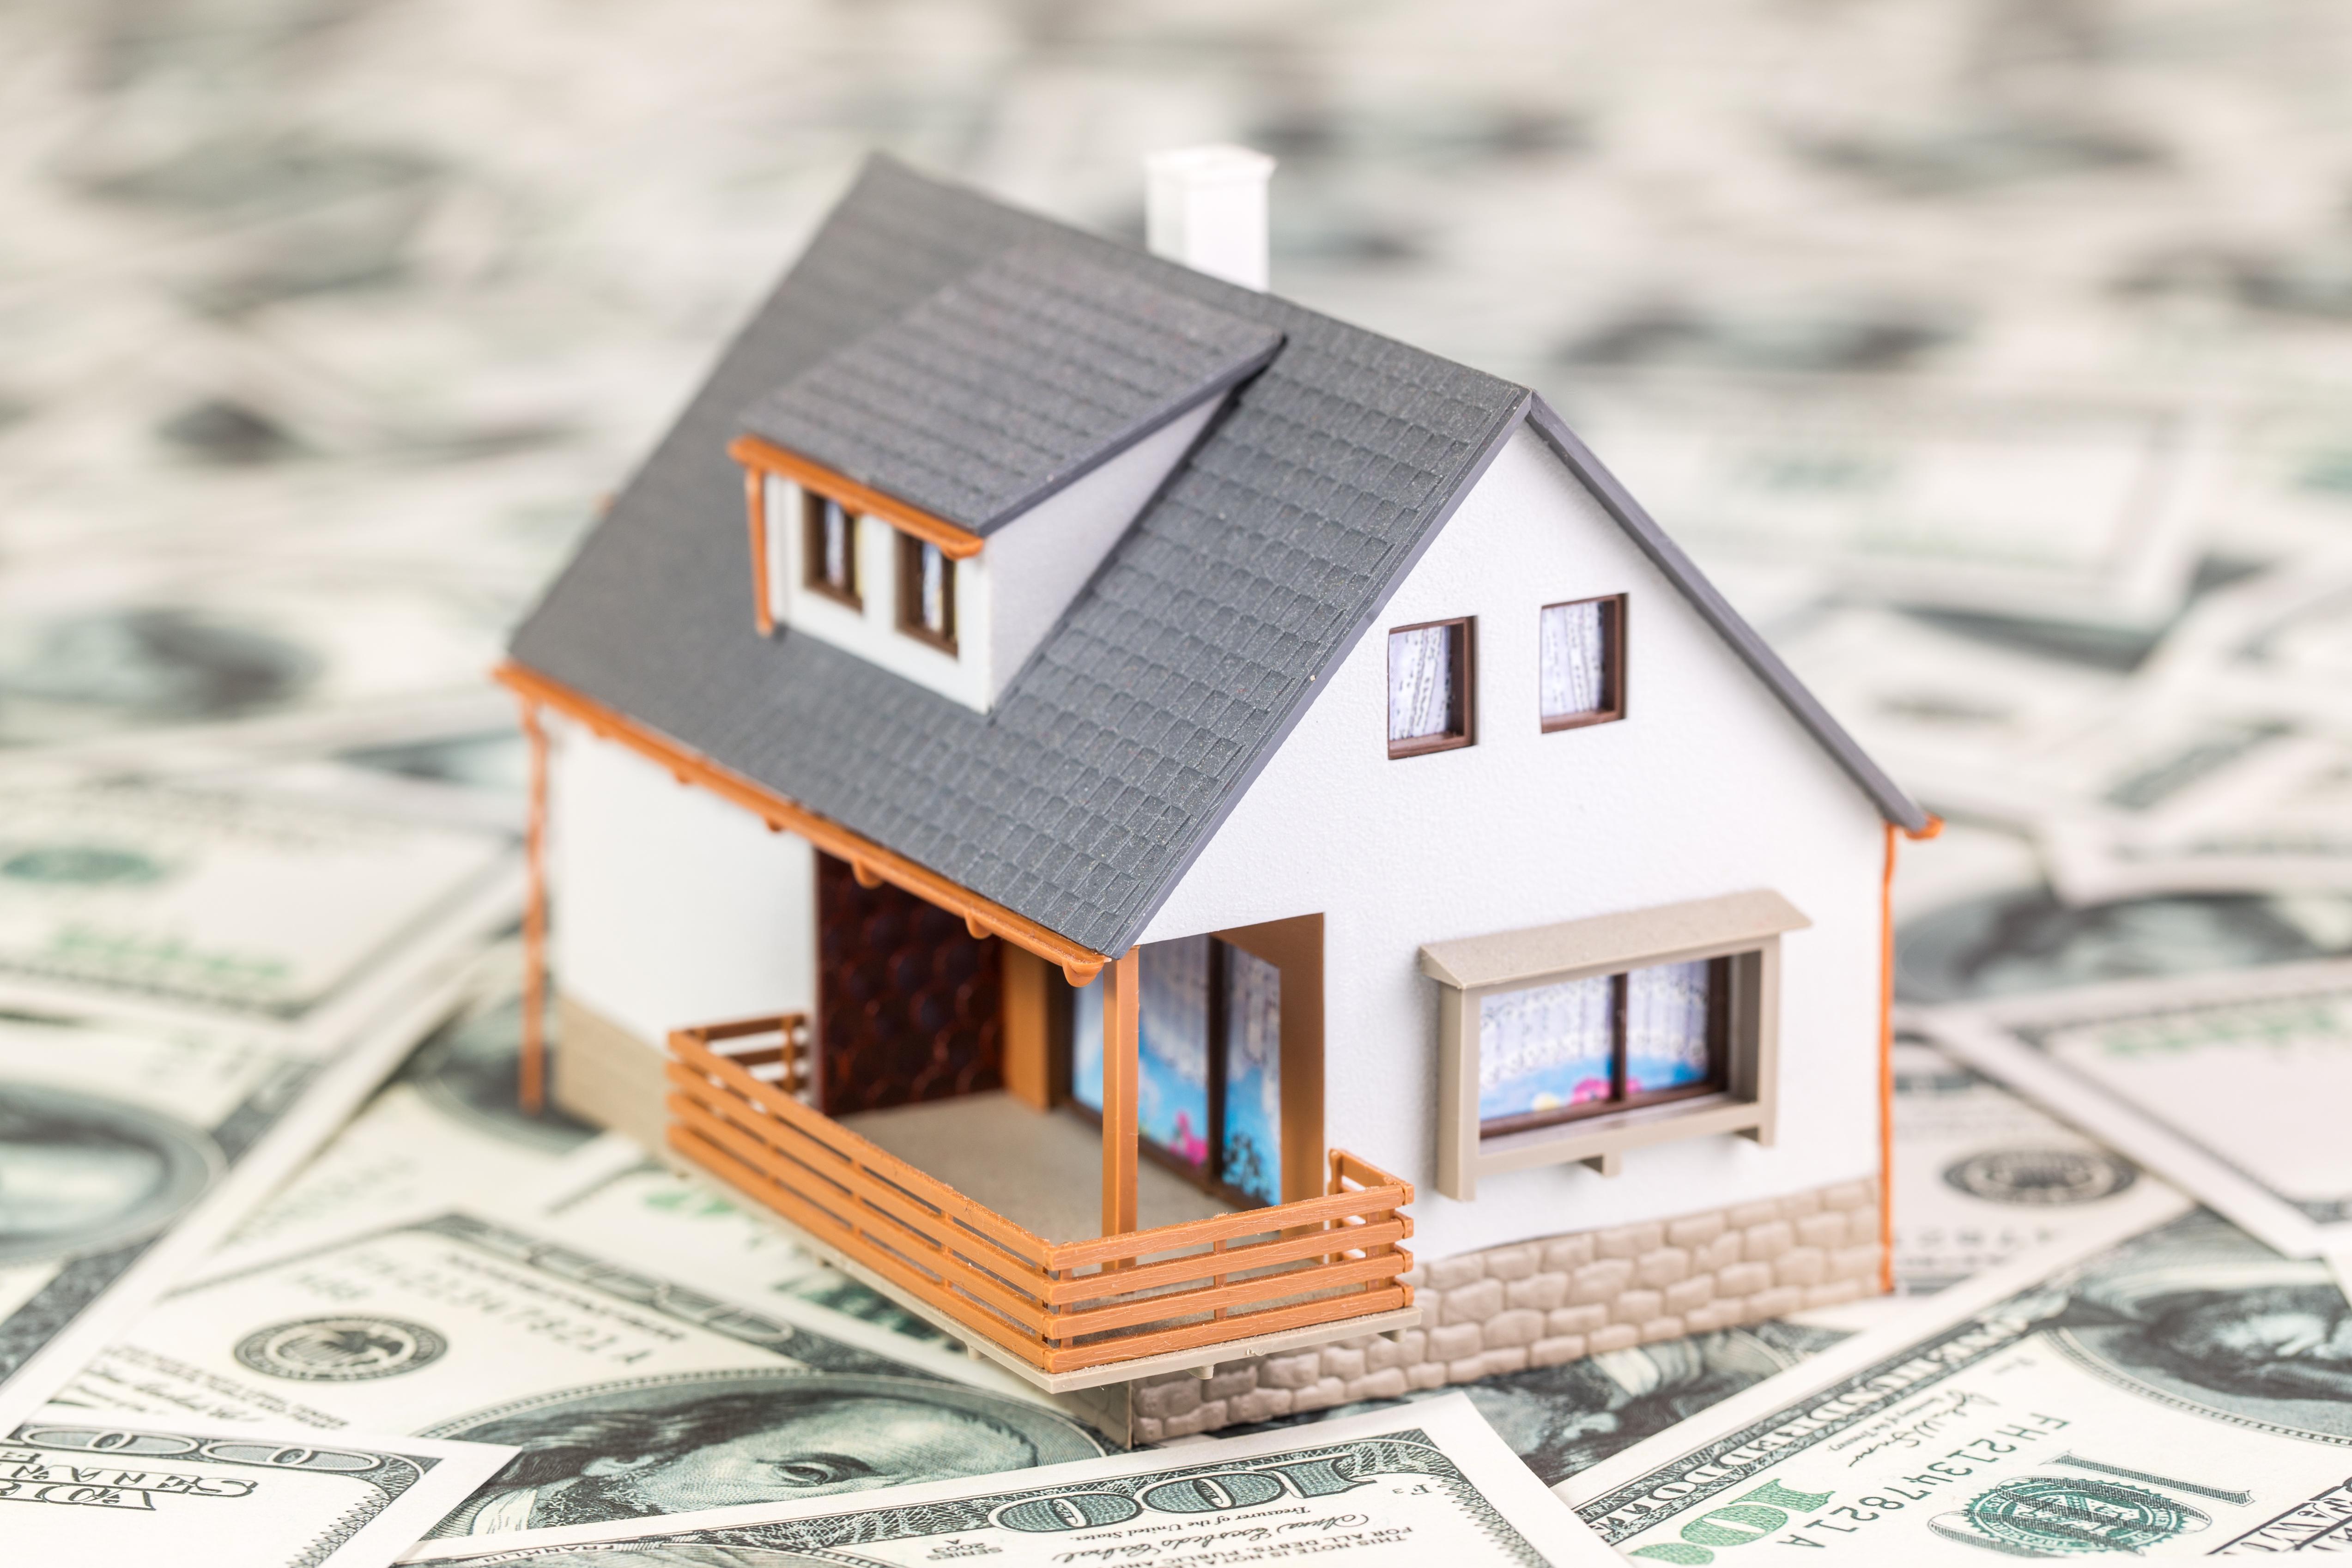 Ломбард кредит под залог коммерческой недвижимости подольск кредит плохой историей